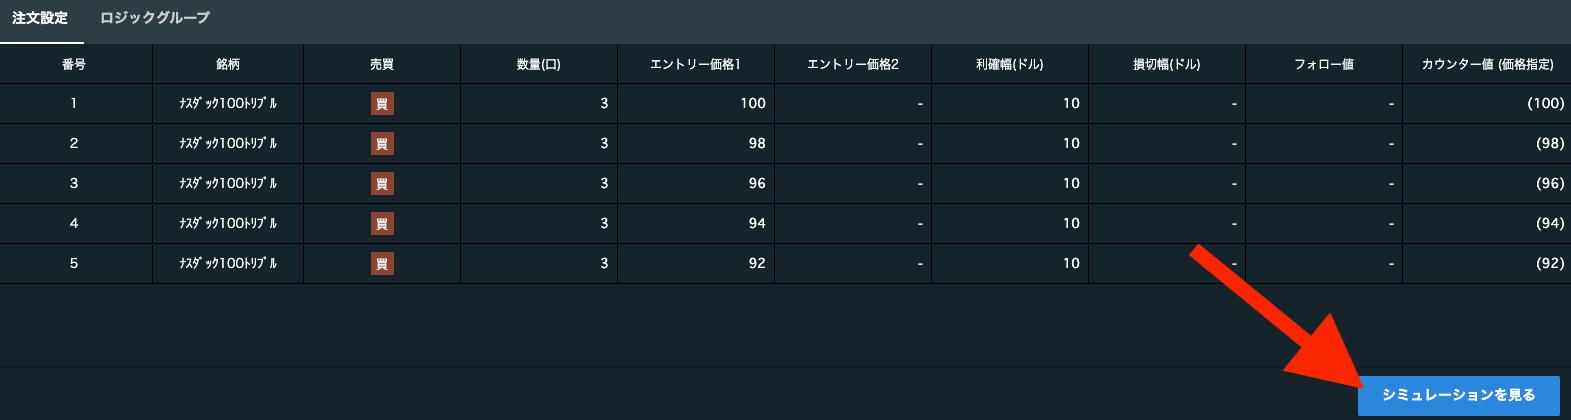 トライオートETF注文設定